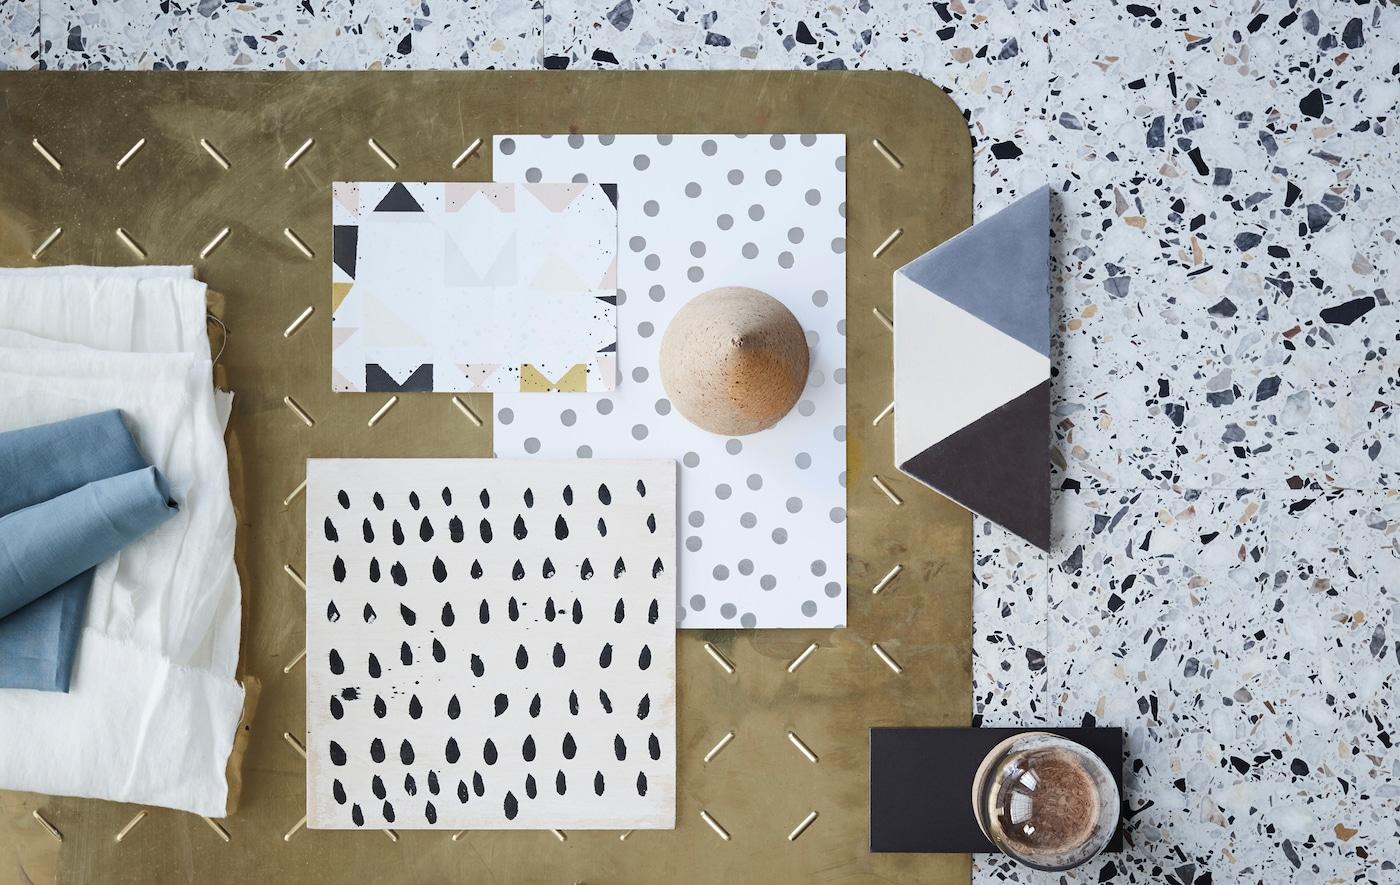 Collage de productes d'IKEA amb textures orgàniques i estampats gràfics, incloent-hi un paper de notes amb punts.